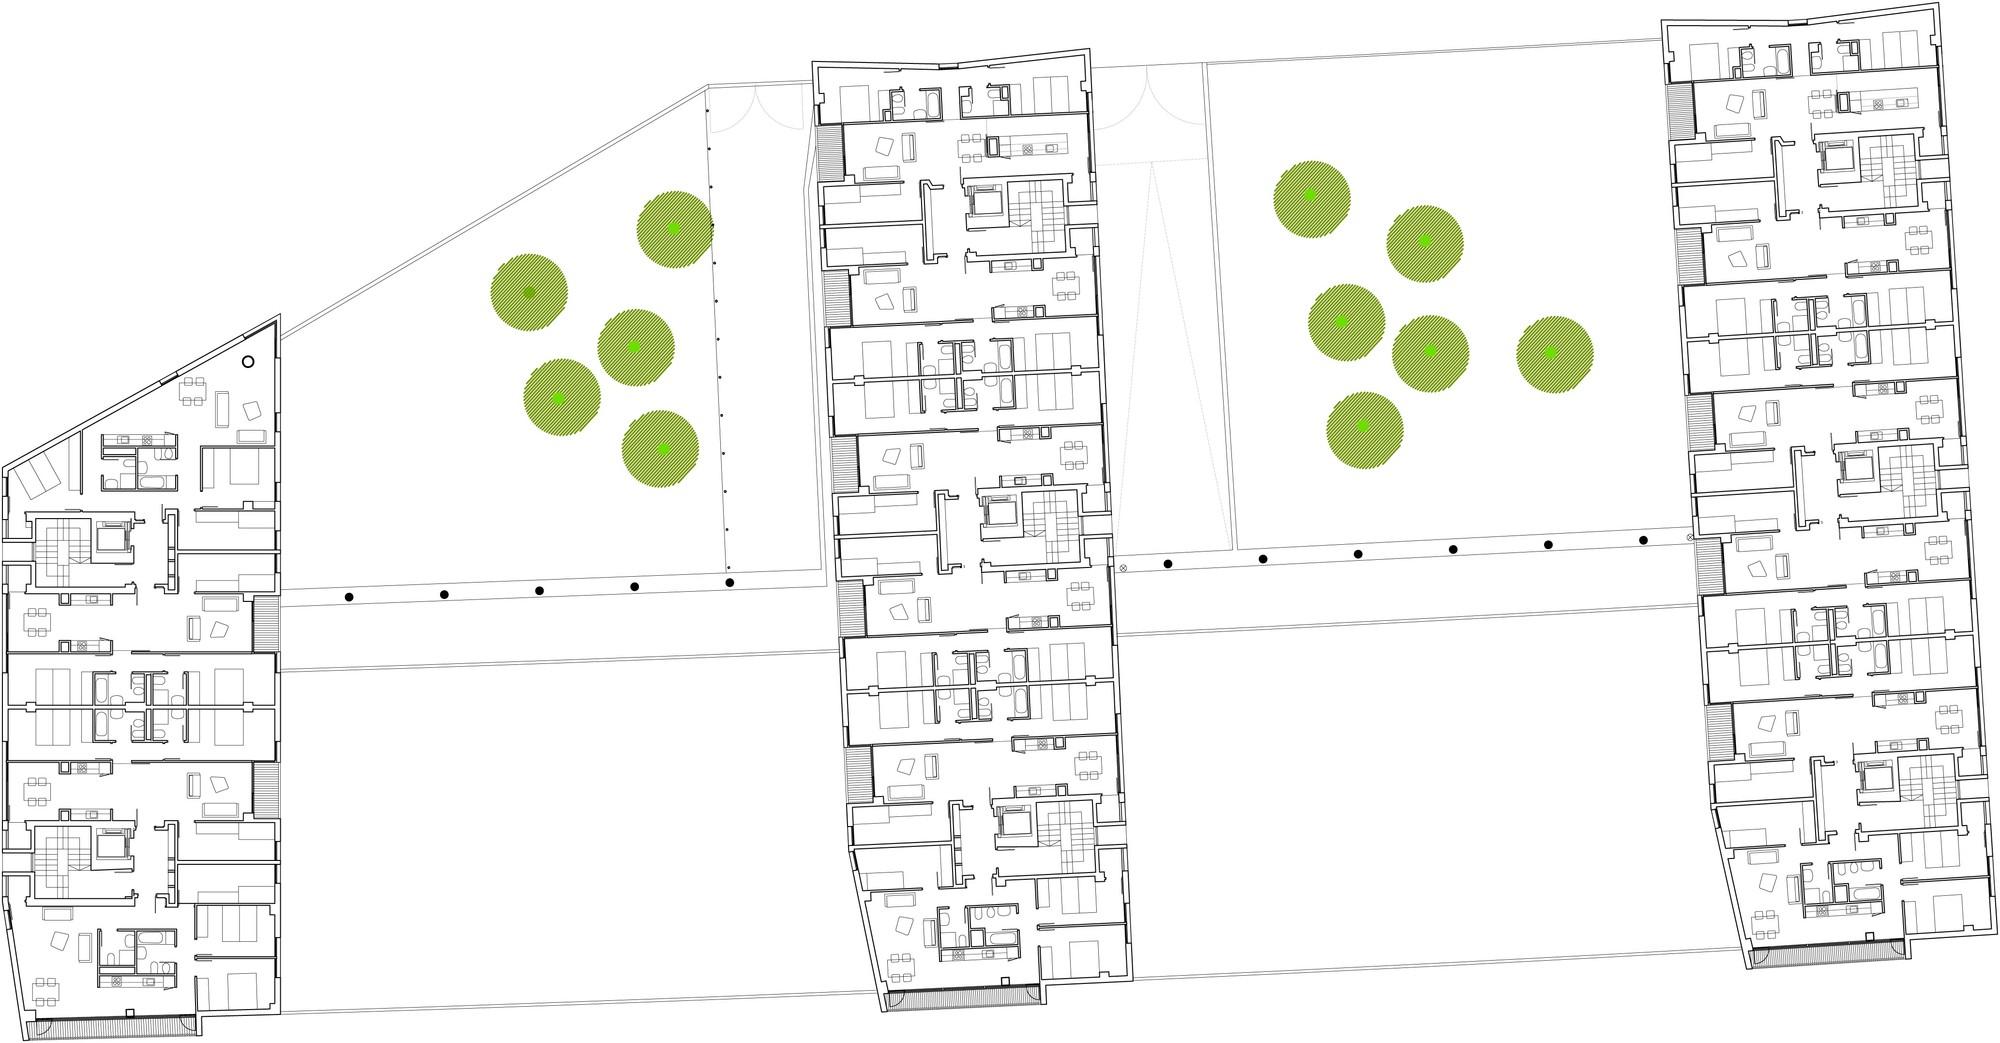 Galer a de nuevo grupo de viviendas de protecci n oficial en vitoria gasteiz acxt arquitectos 28 - Arquitectos en vitoria ...